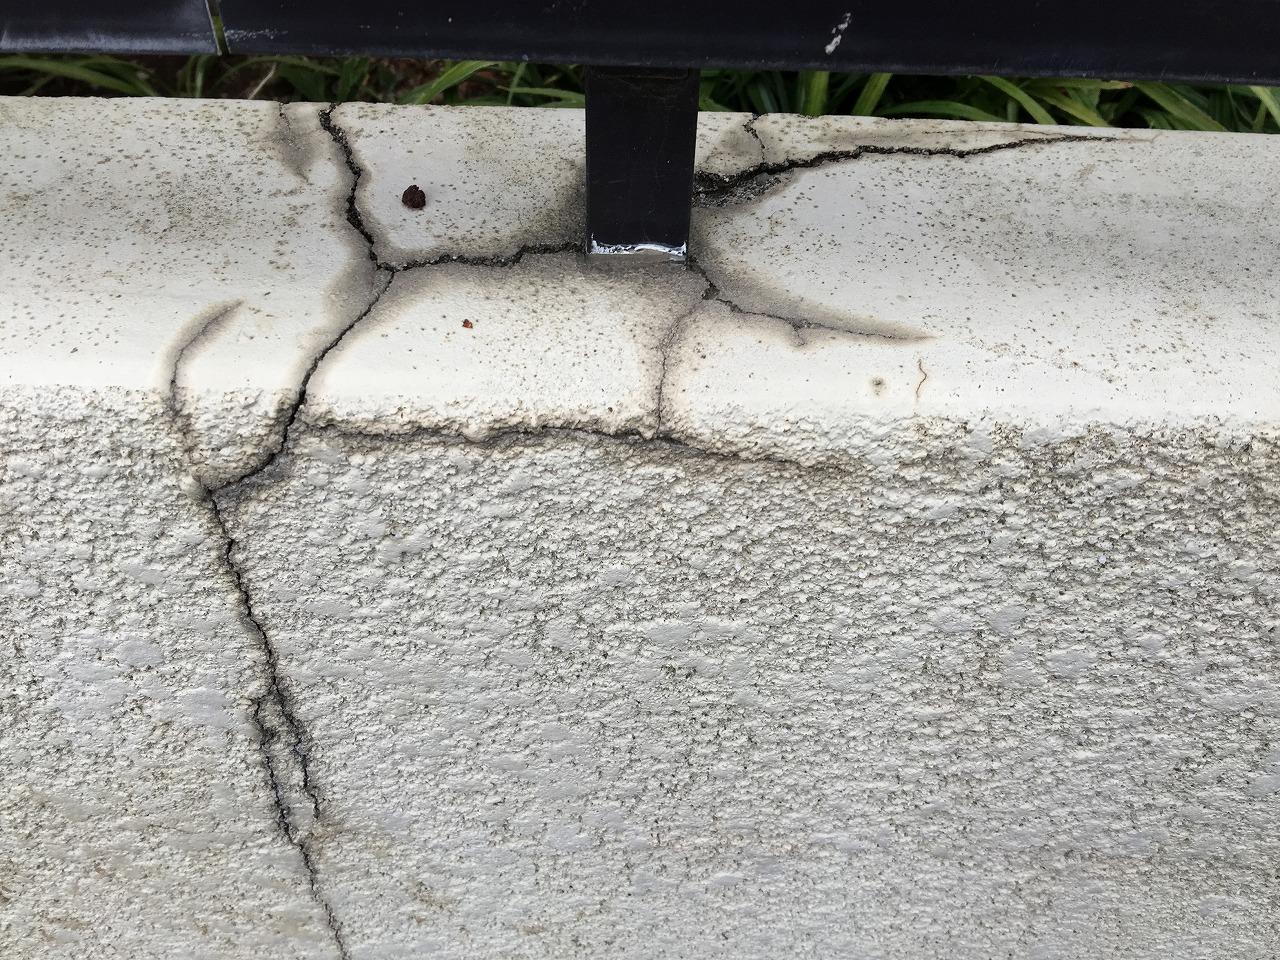 埼玉県嵐山町で金属屋根カバー 擁壁亀裂 外装お悩み解消施工 川越 狭山 所沢市で雨漏り修理 屋根リフォームなら街の屋根やさん